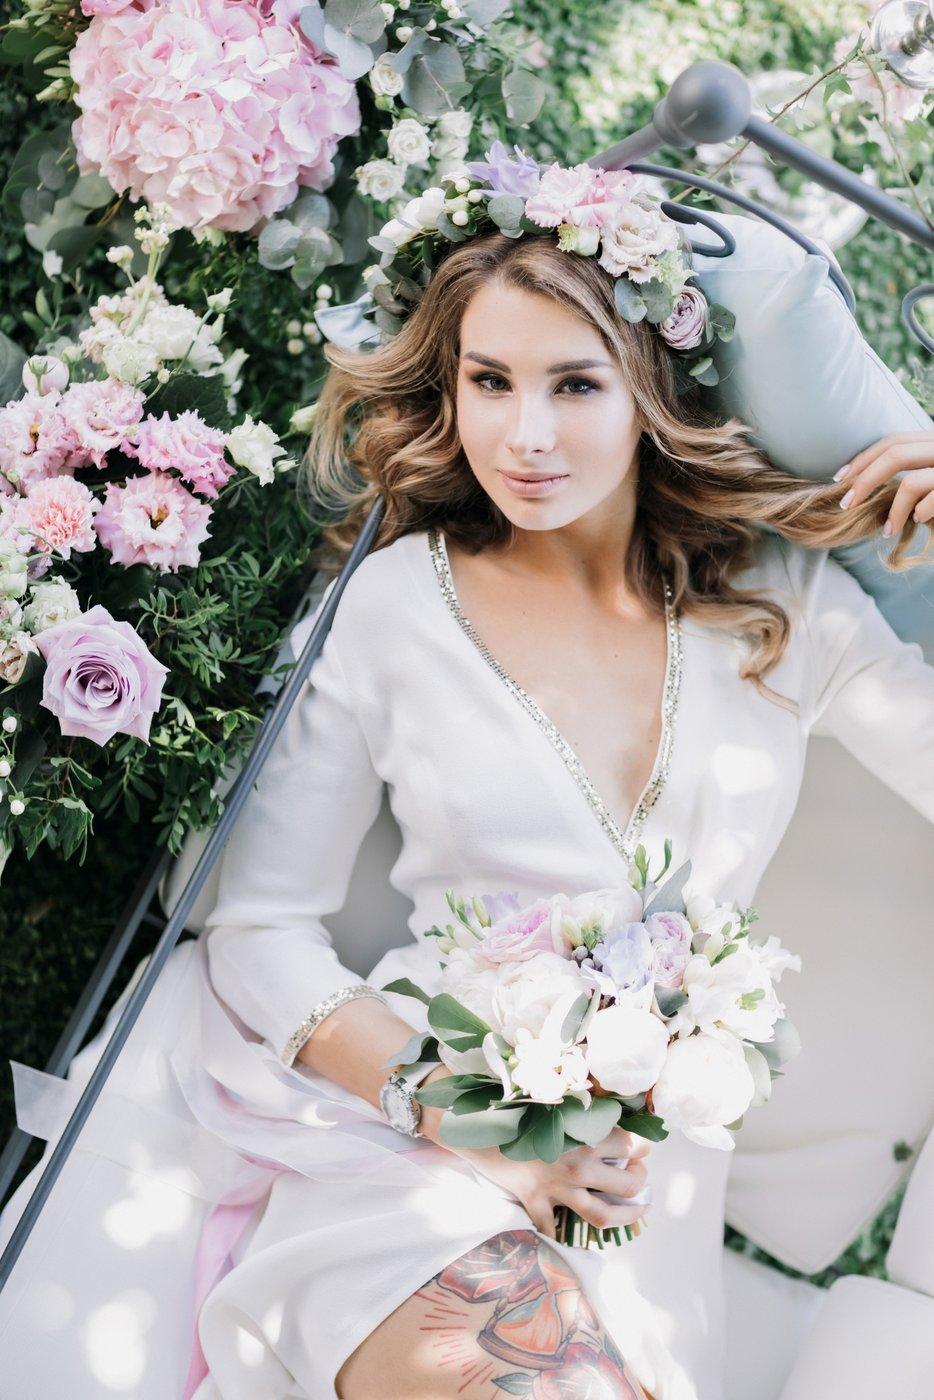 Yuriy Sasha July 16 18 2017 Como Italy-Bride s preparations-0029.jpg